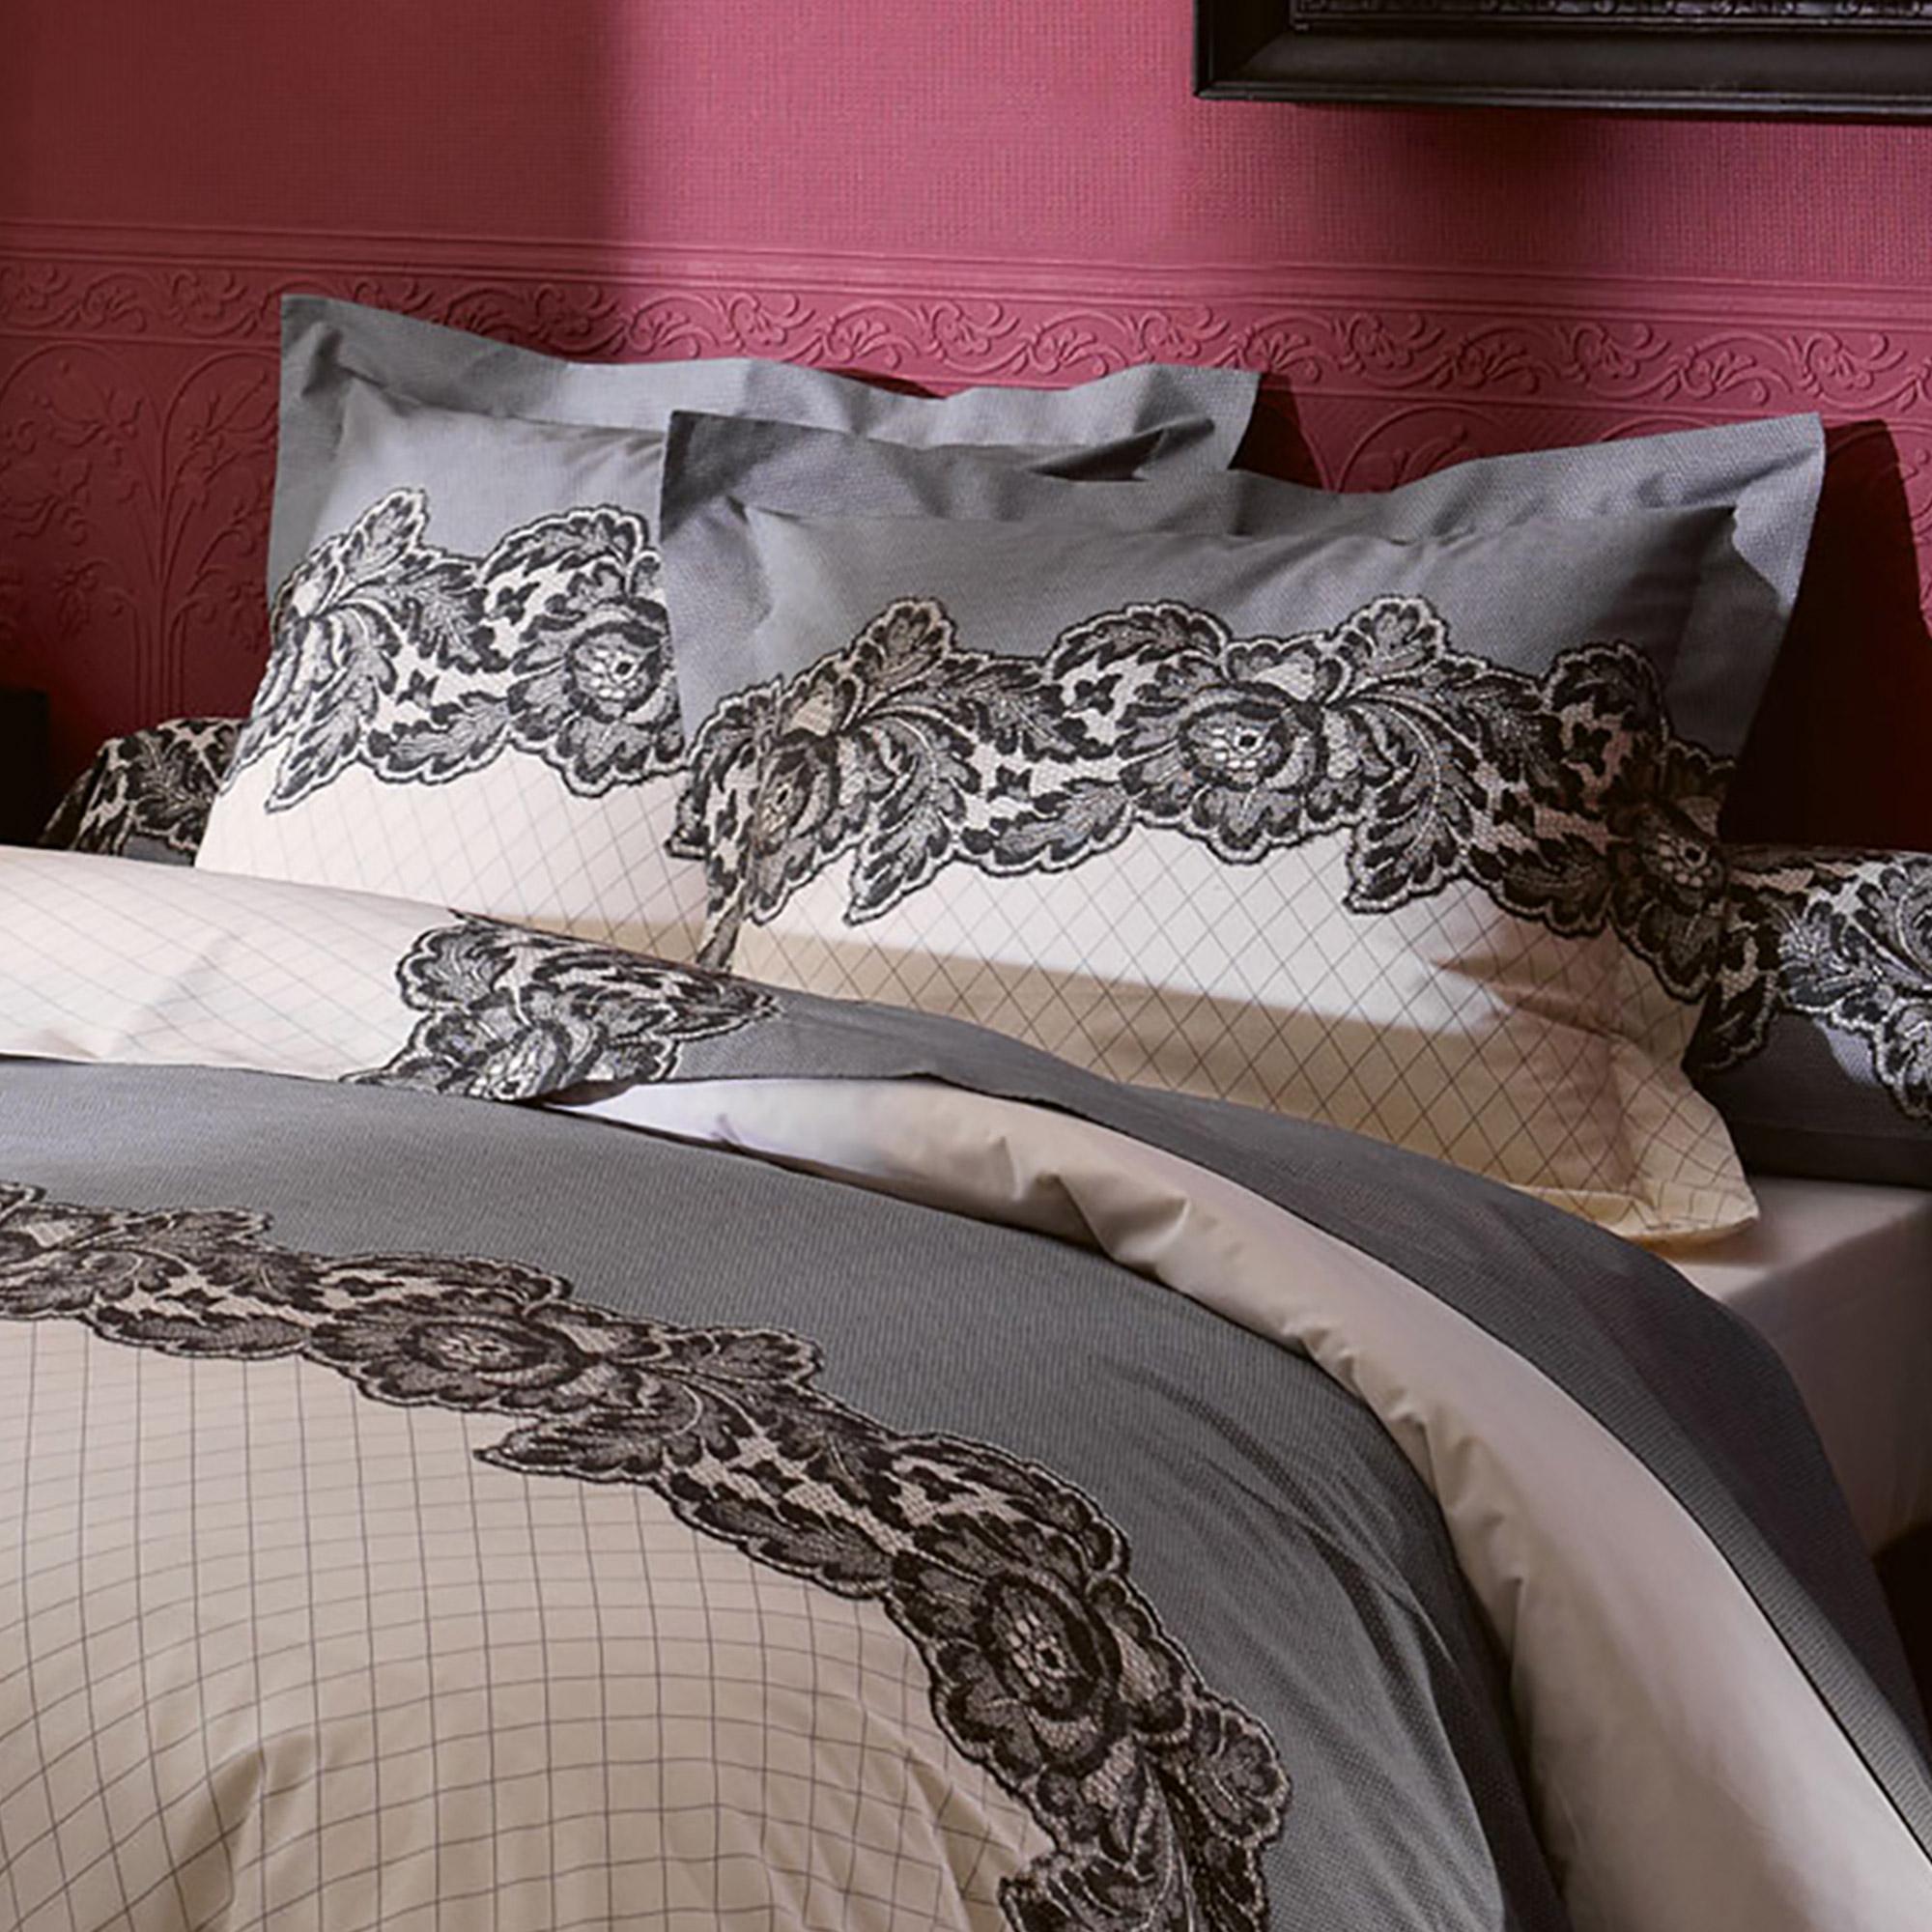 parure de lit 200x200 cm malice linnea vente de linge de maison. Black Bedroom Furniture Sets. Home Design Ideas